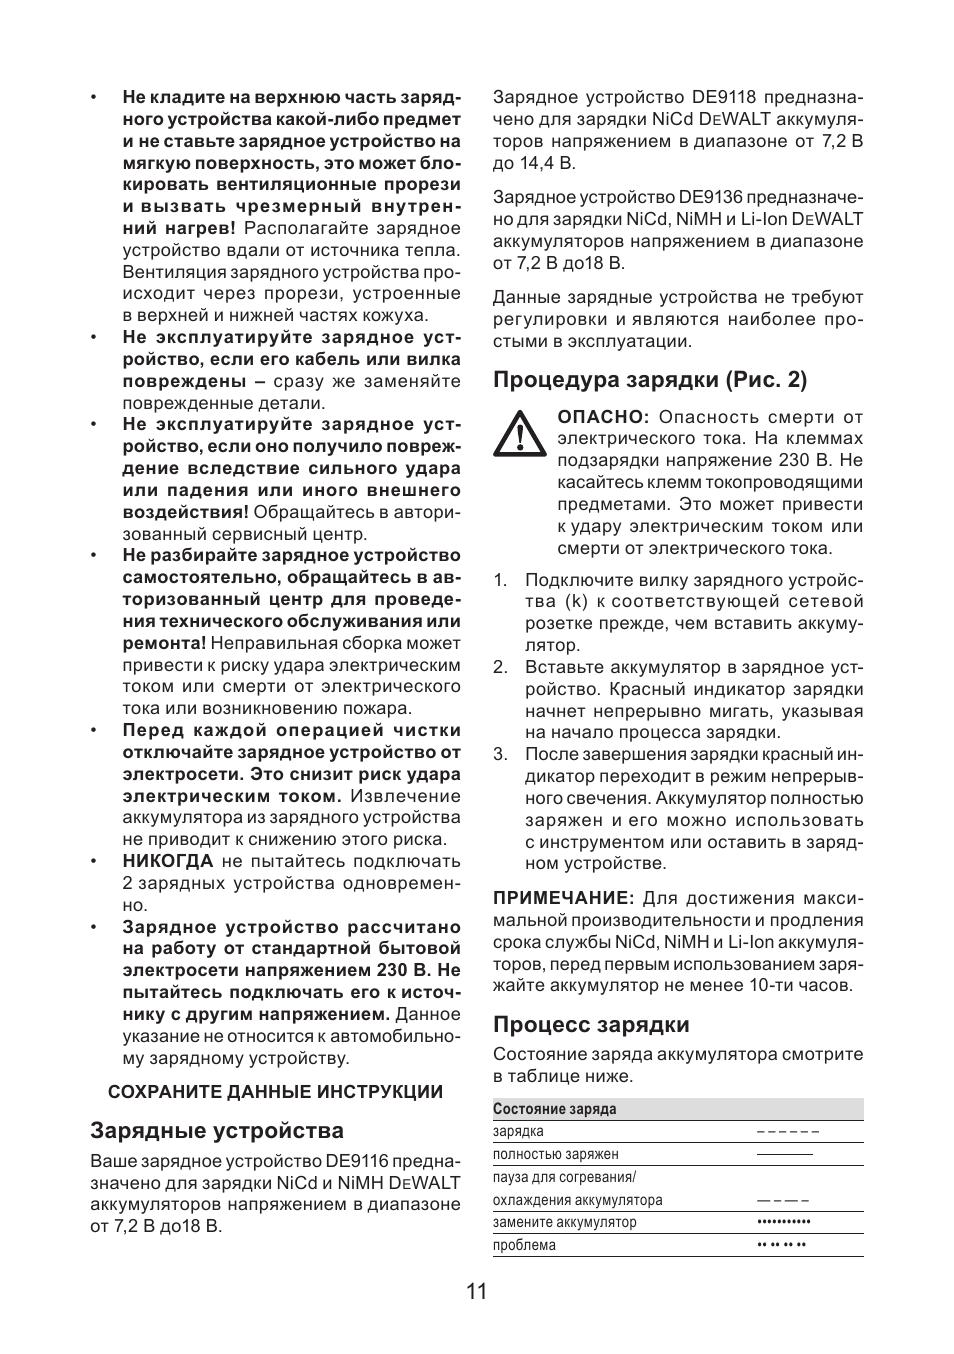 Зарядные устройства, Процедура зарядки (рис. 2), Процесс зарядки